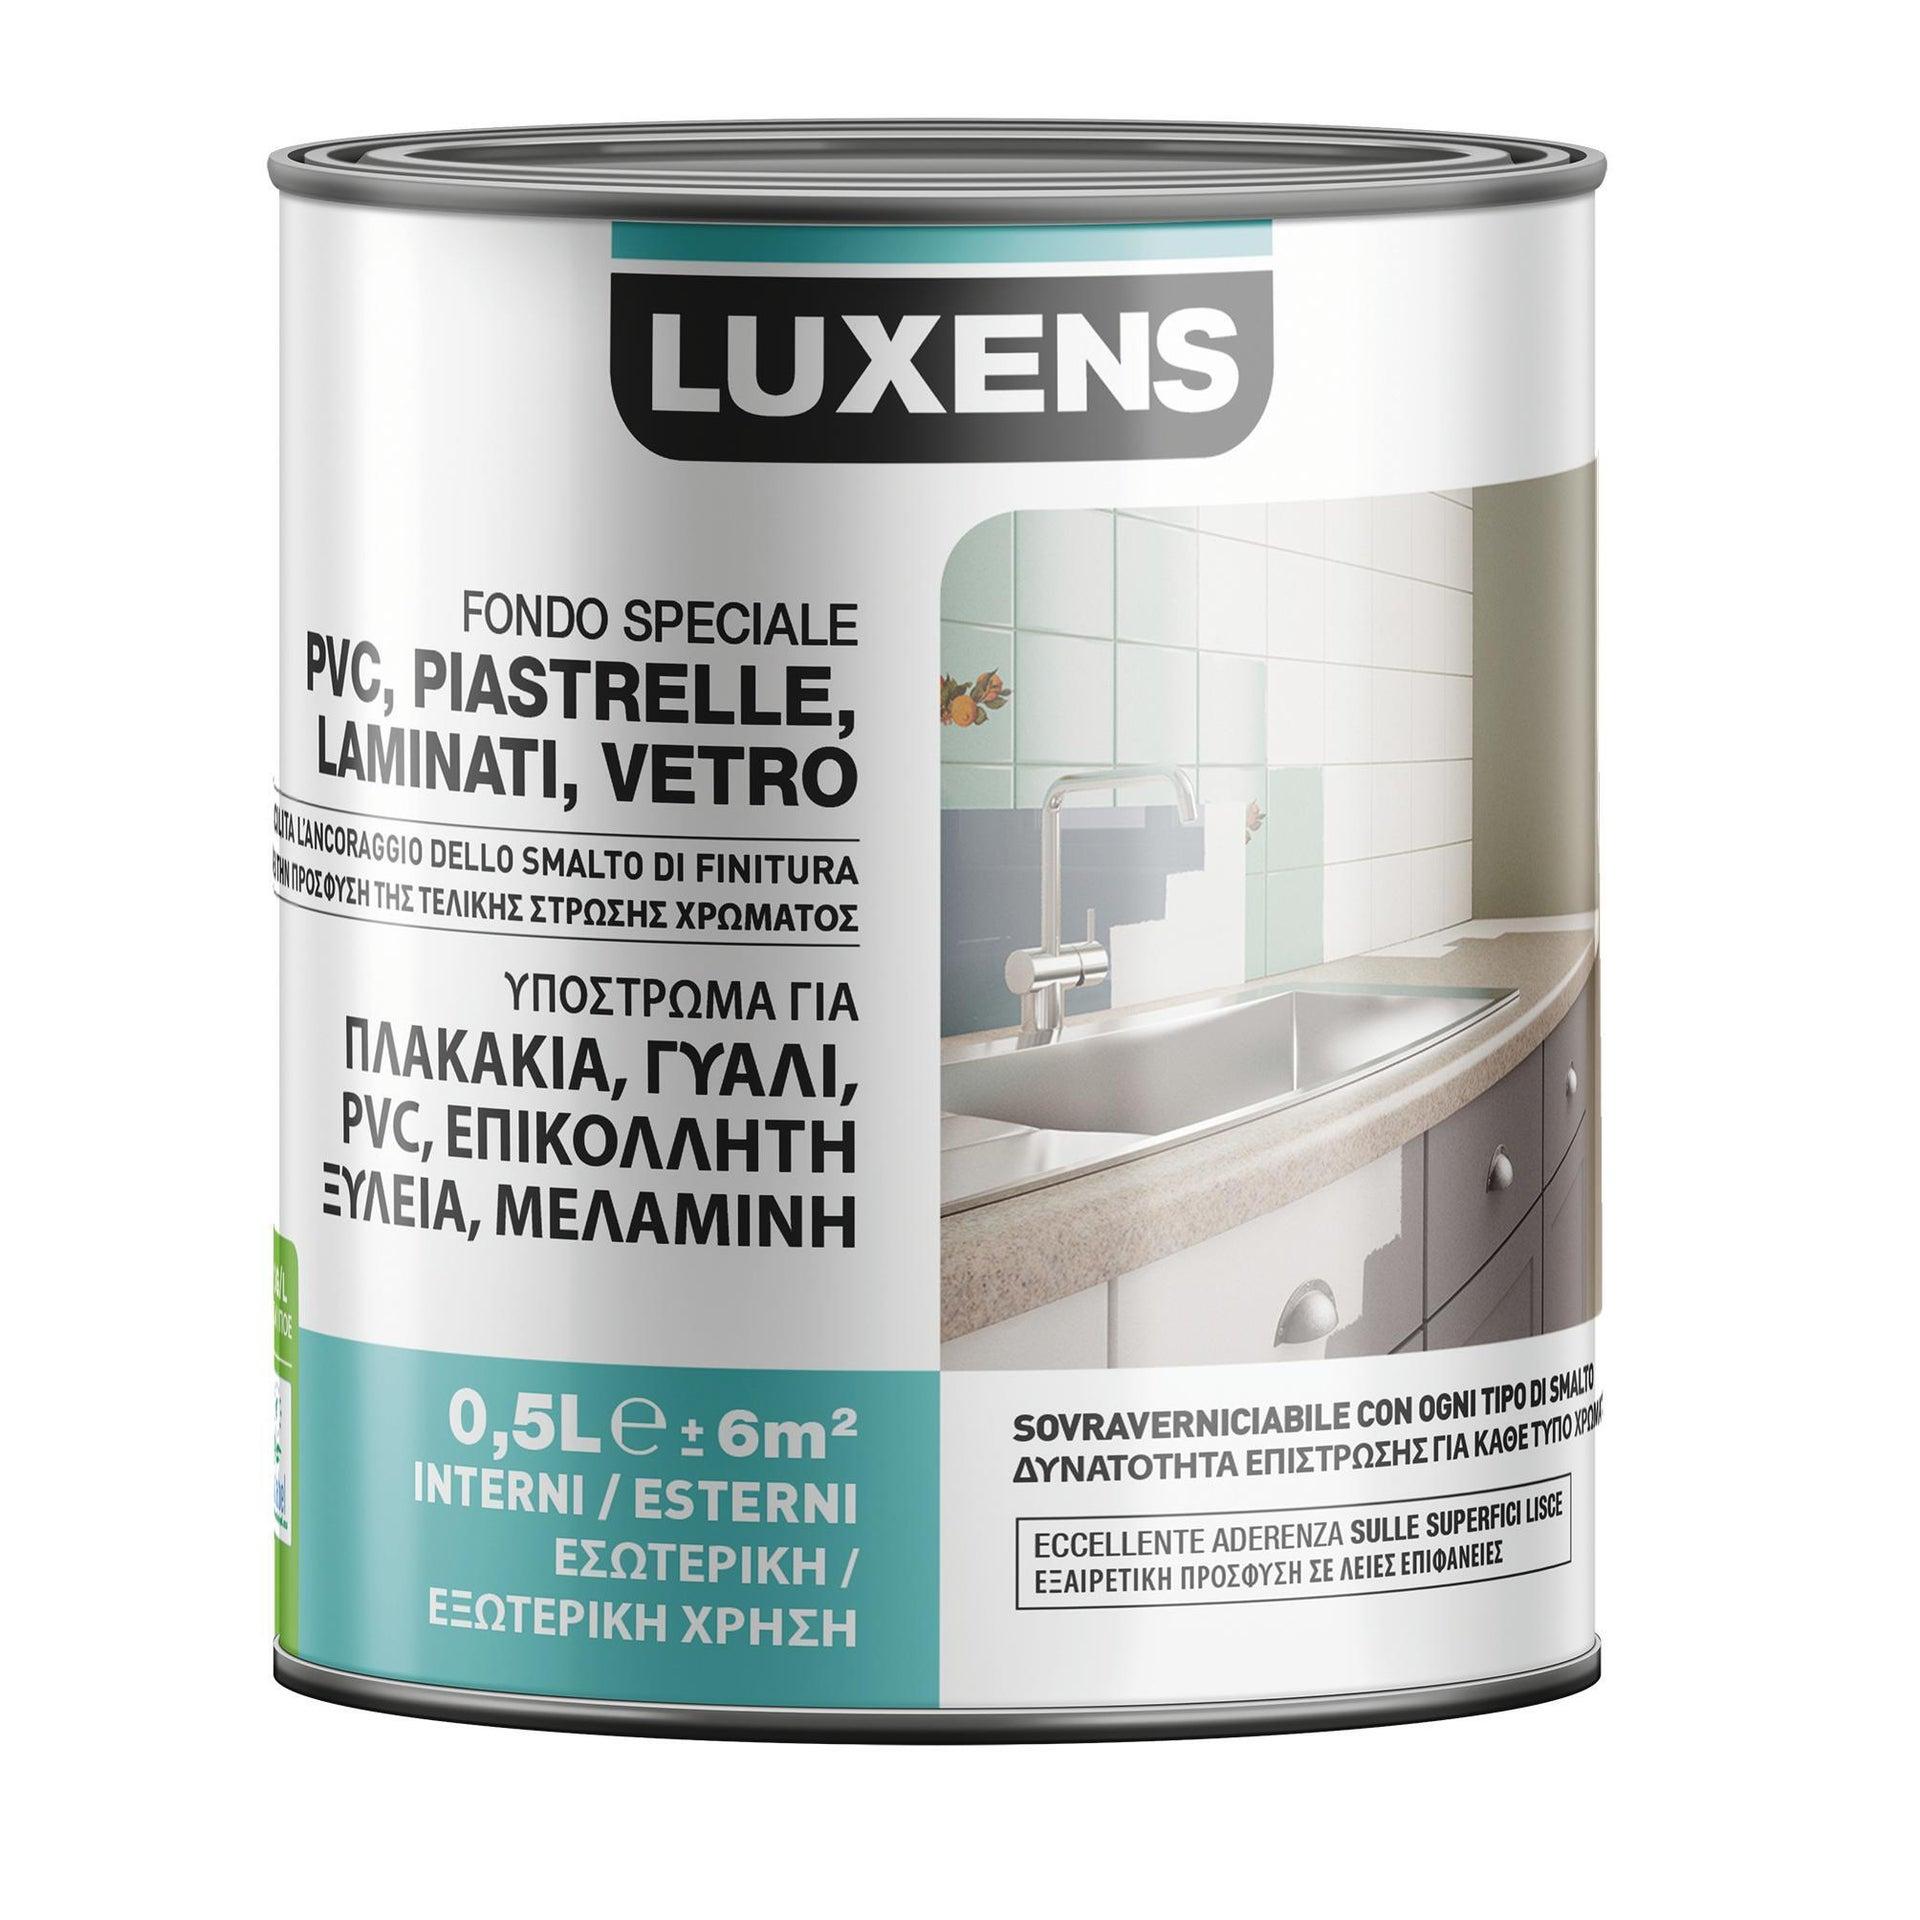 Primer precolorazione LUXENS base acqua interno / esterno per piastrelle, pvc, laminati, vetro 0.5 L - 1